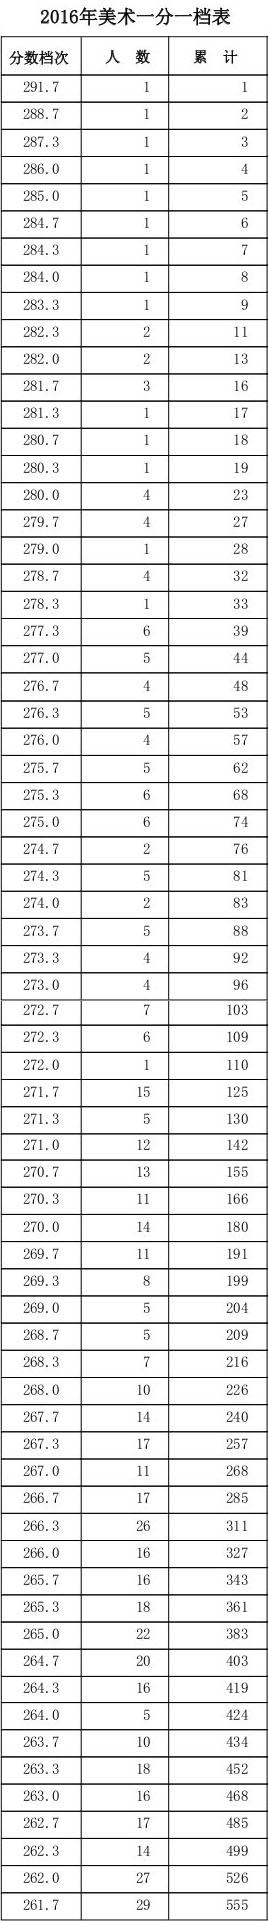 2016河北美术联考分数段统计1.jpg